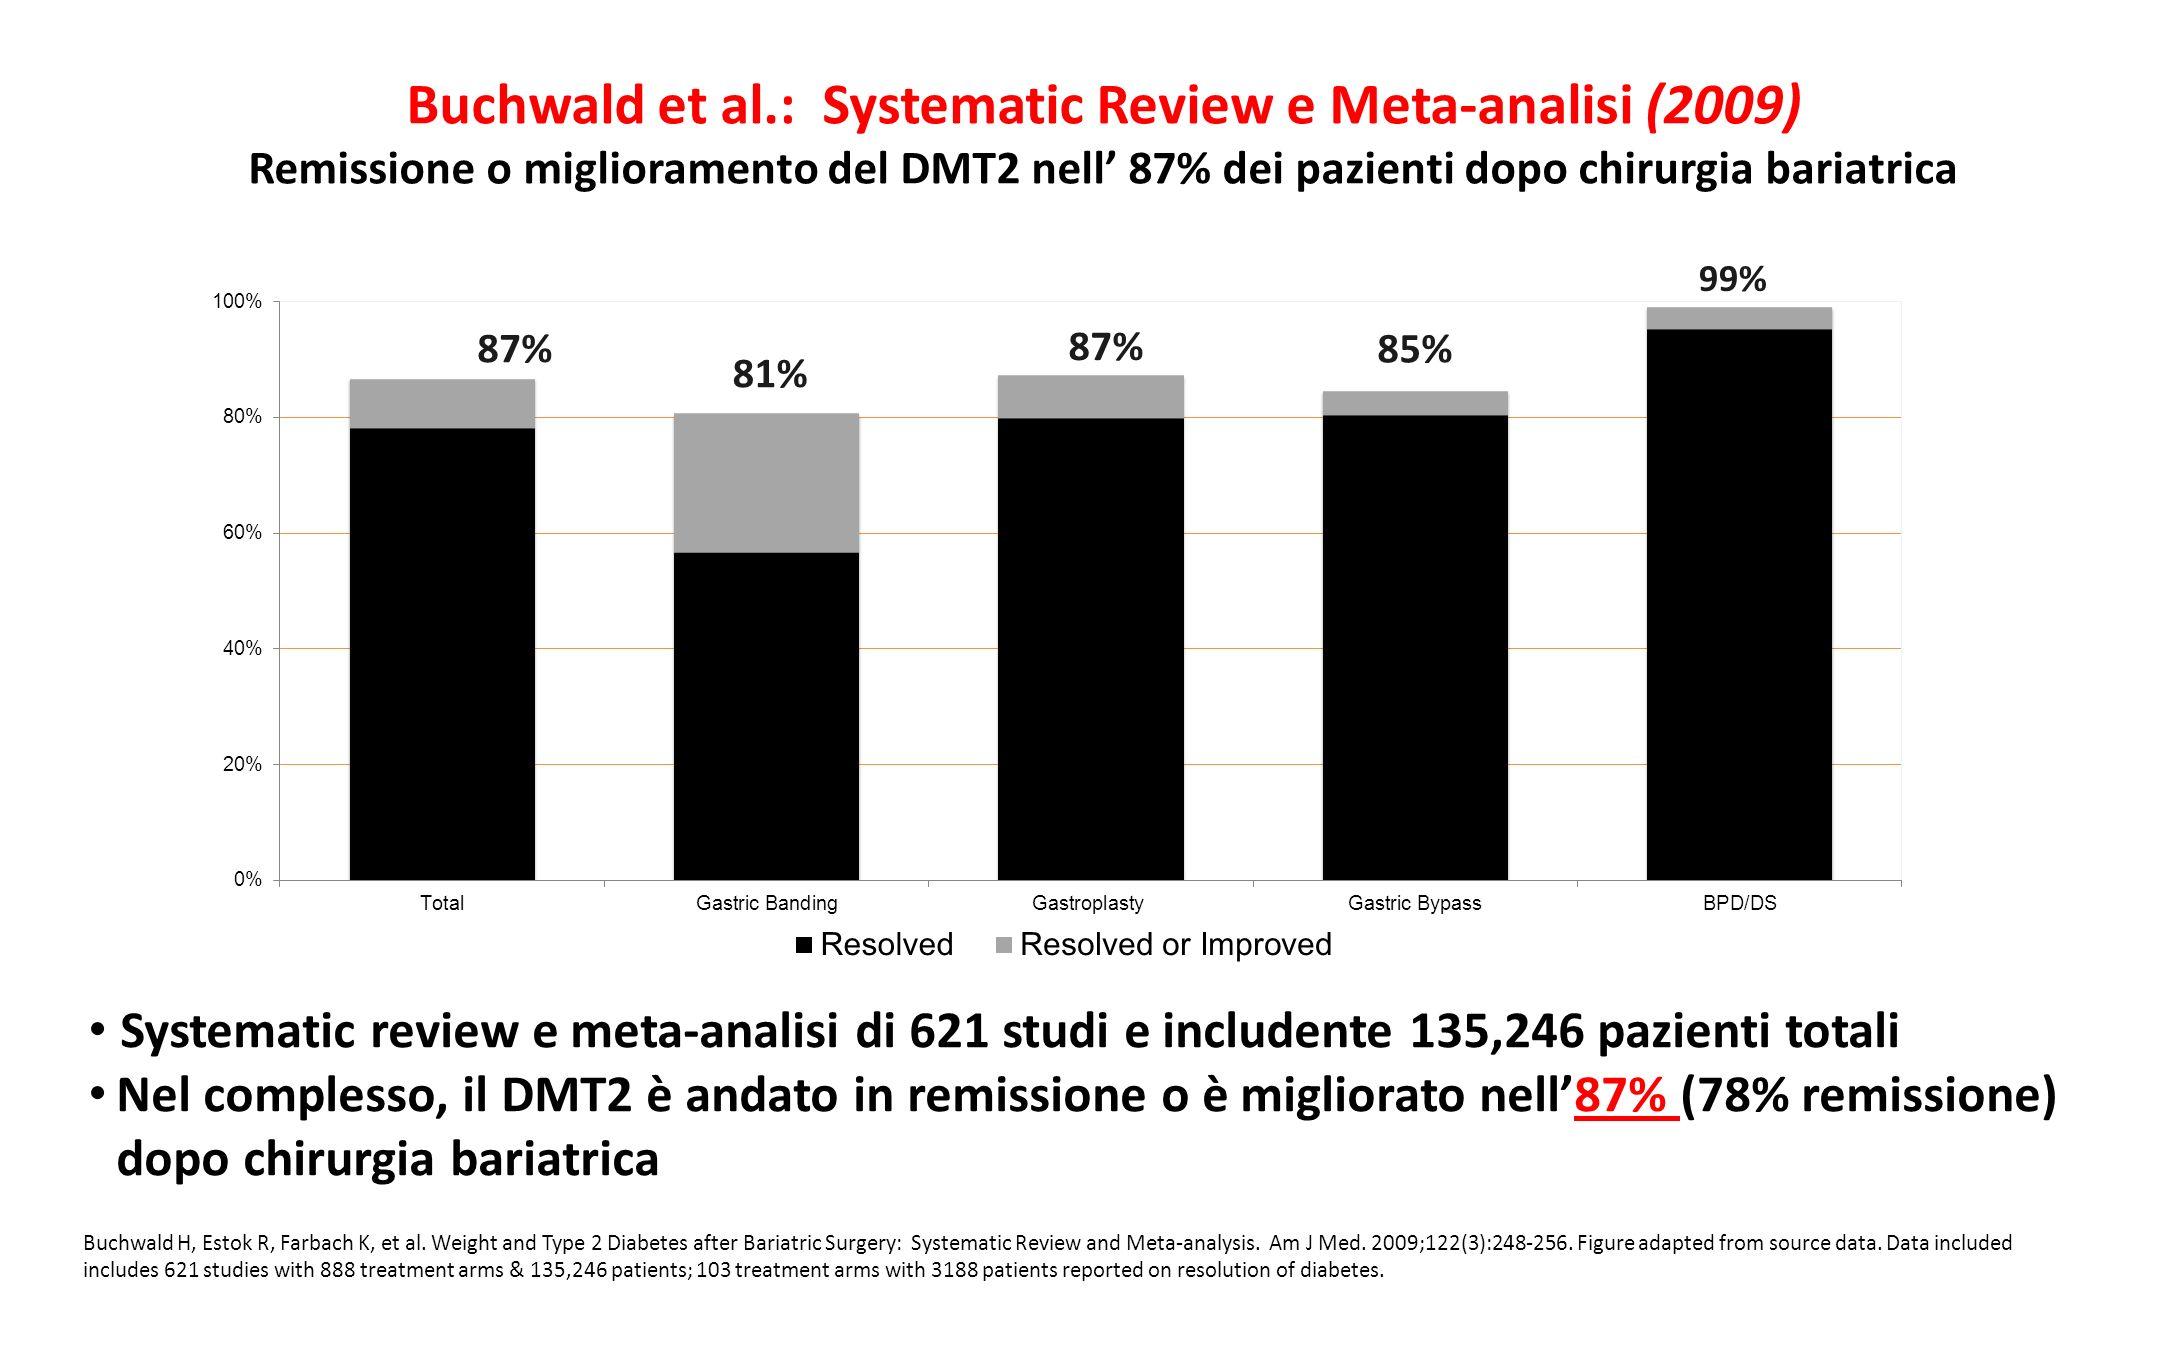 Buchwald et al.: Systematic Review e Meta-analisi (2009) Remissione o miglioramento del DMT2 nell' 87% dei pazienti dopo chirurgia bariatrica Buchwald